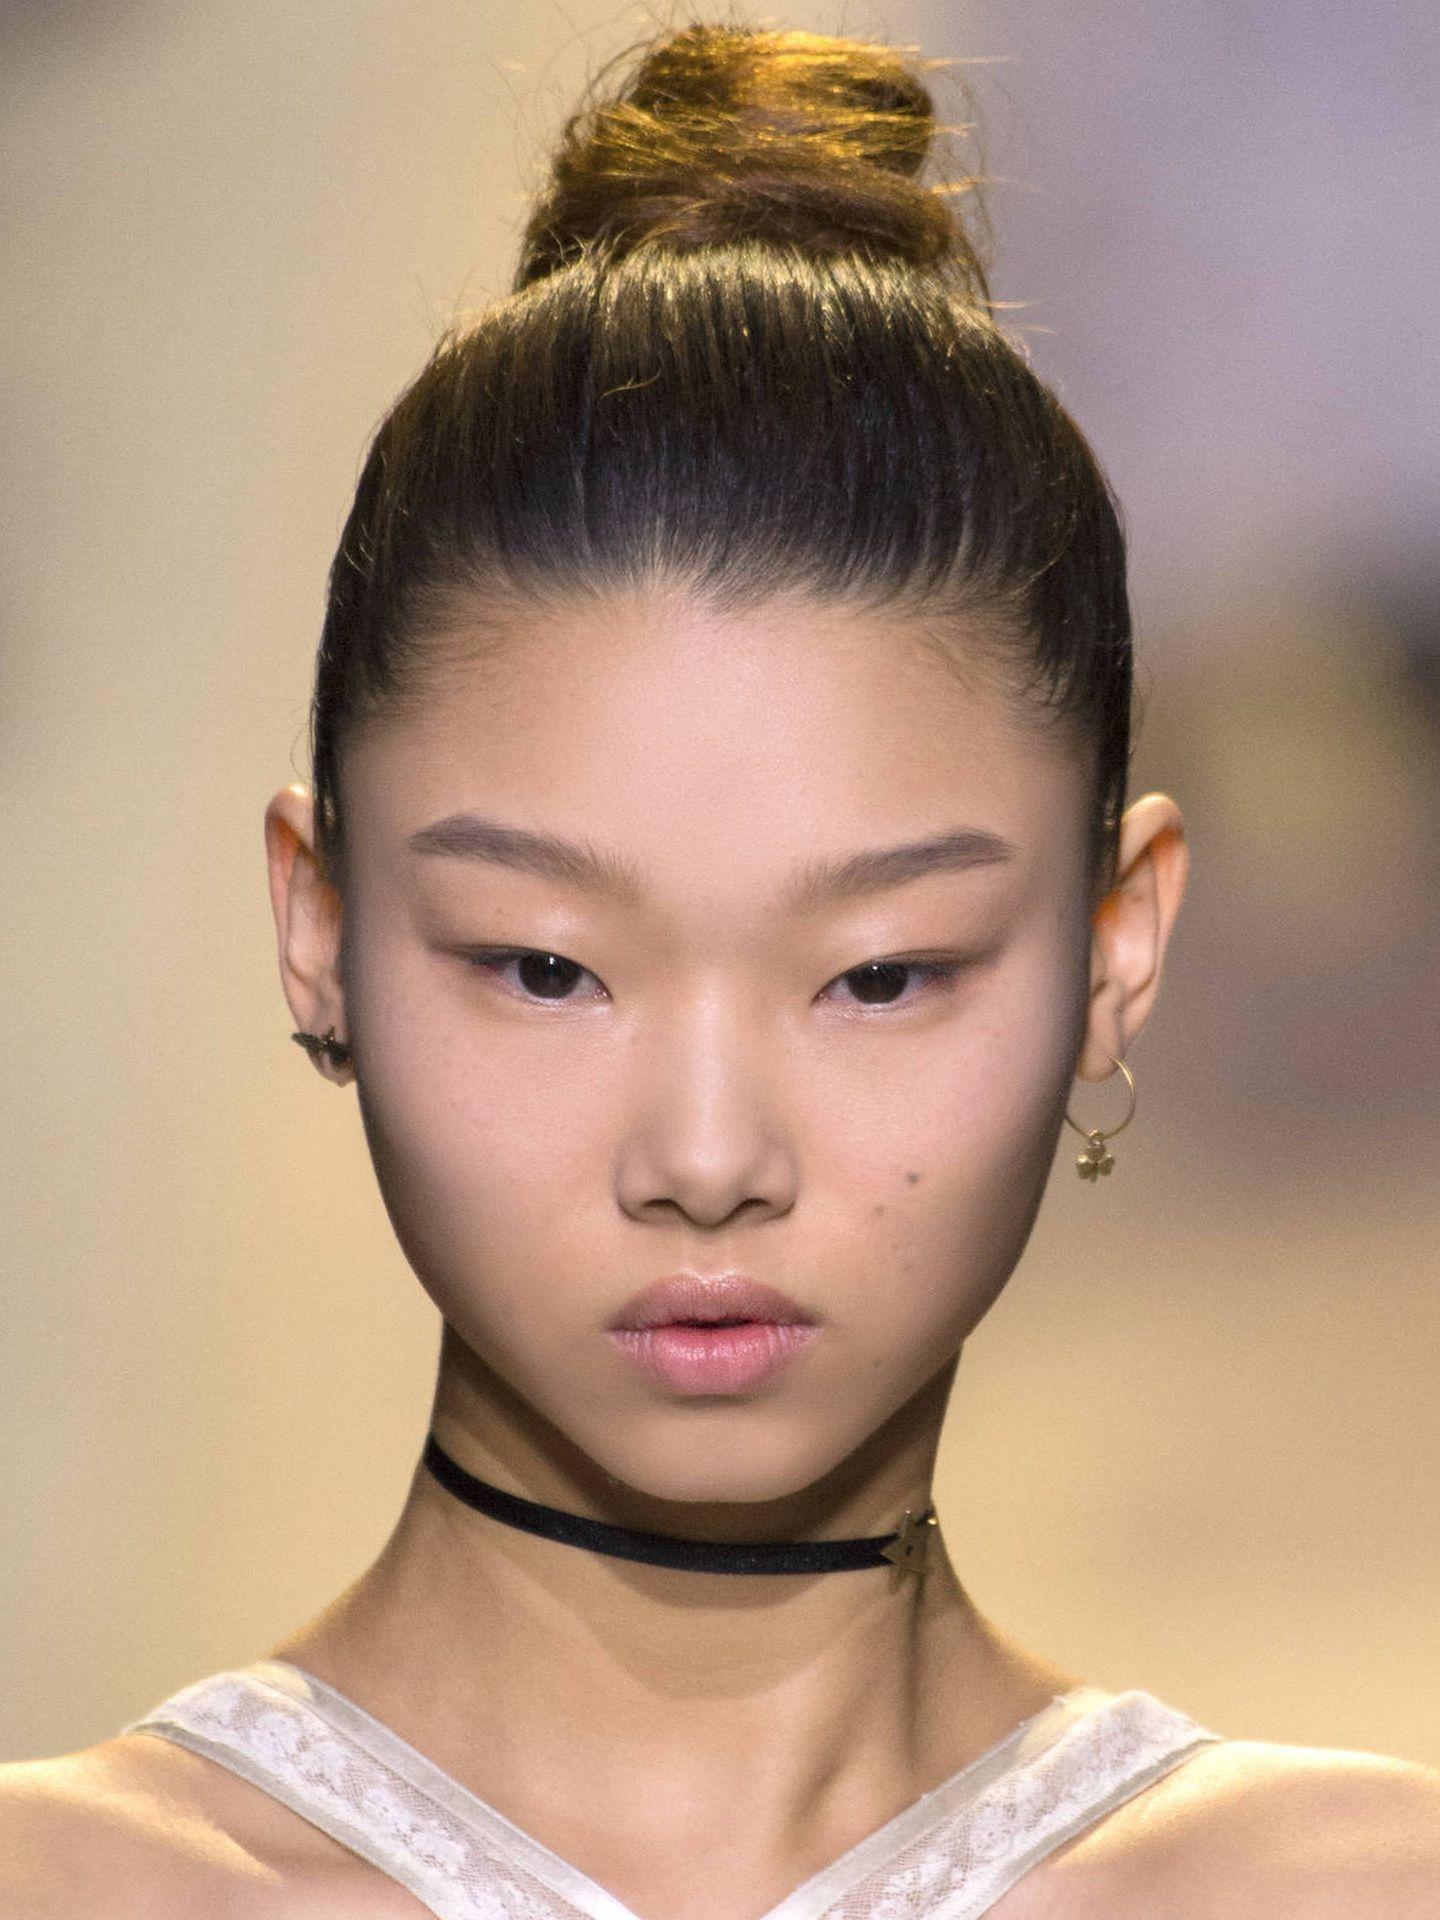 Para realizar moños altos siempre se ha utilizado el efecto para lograr un look más pulido. (Imaxtree)